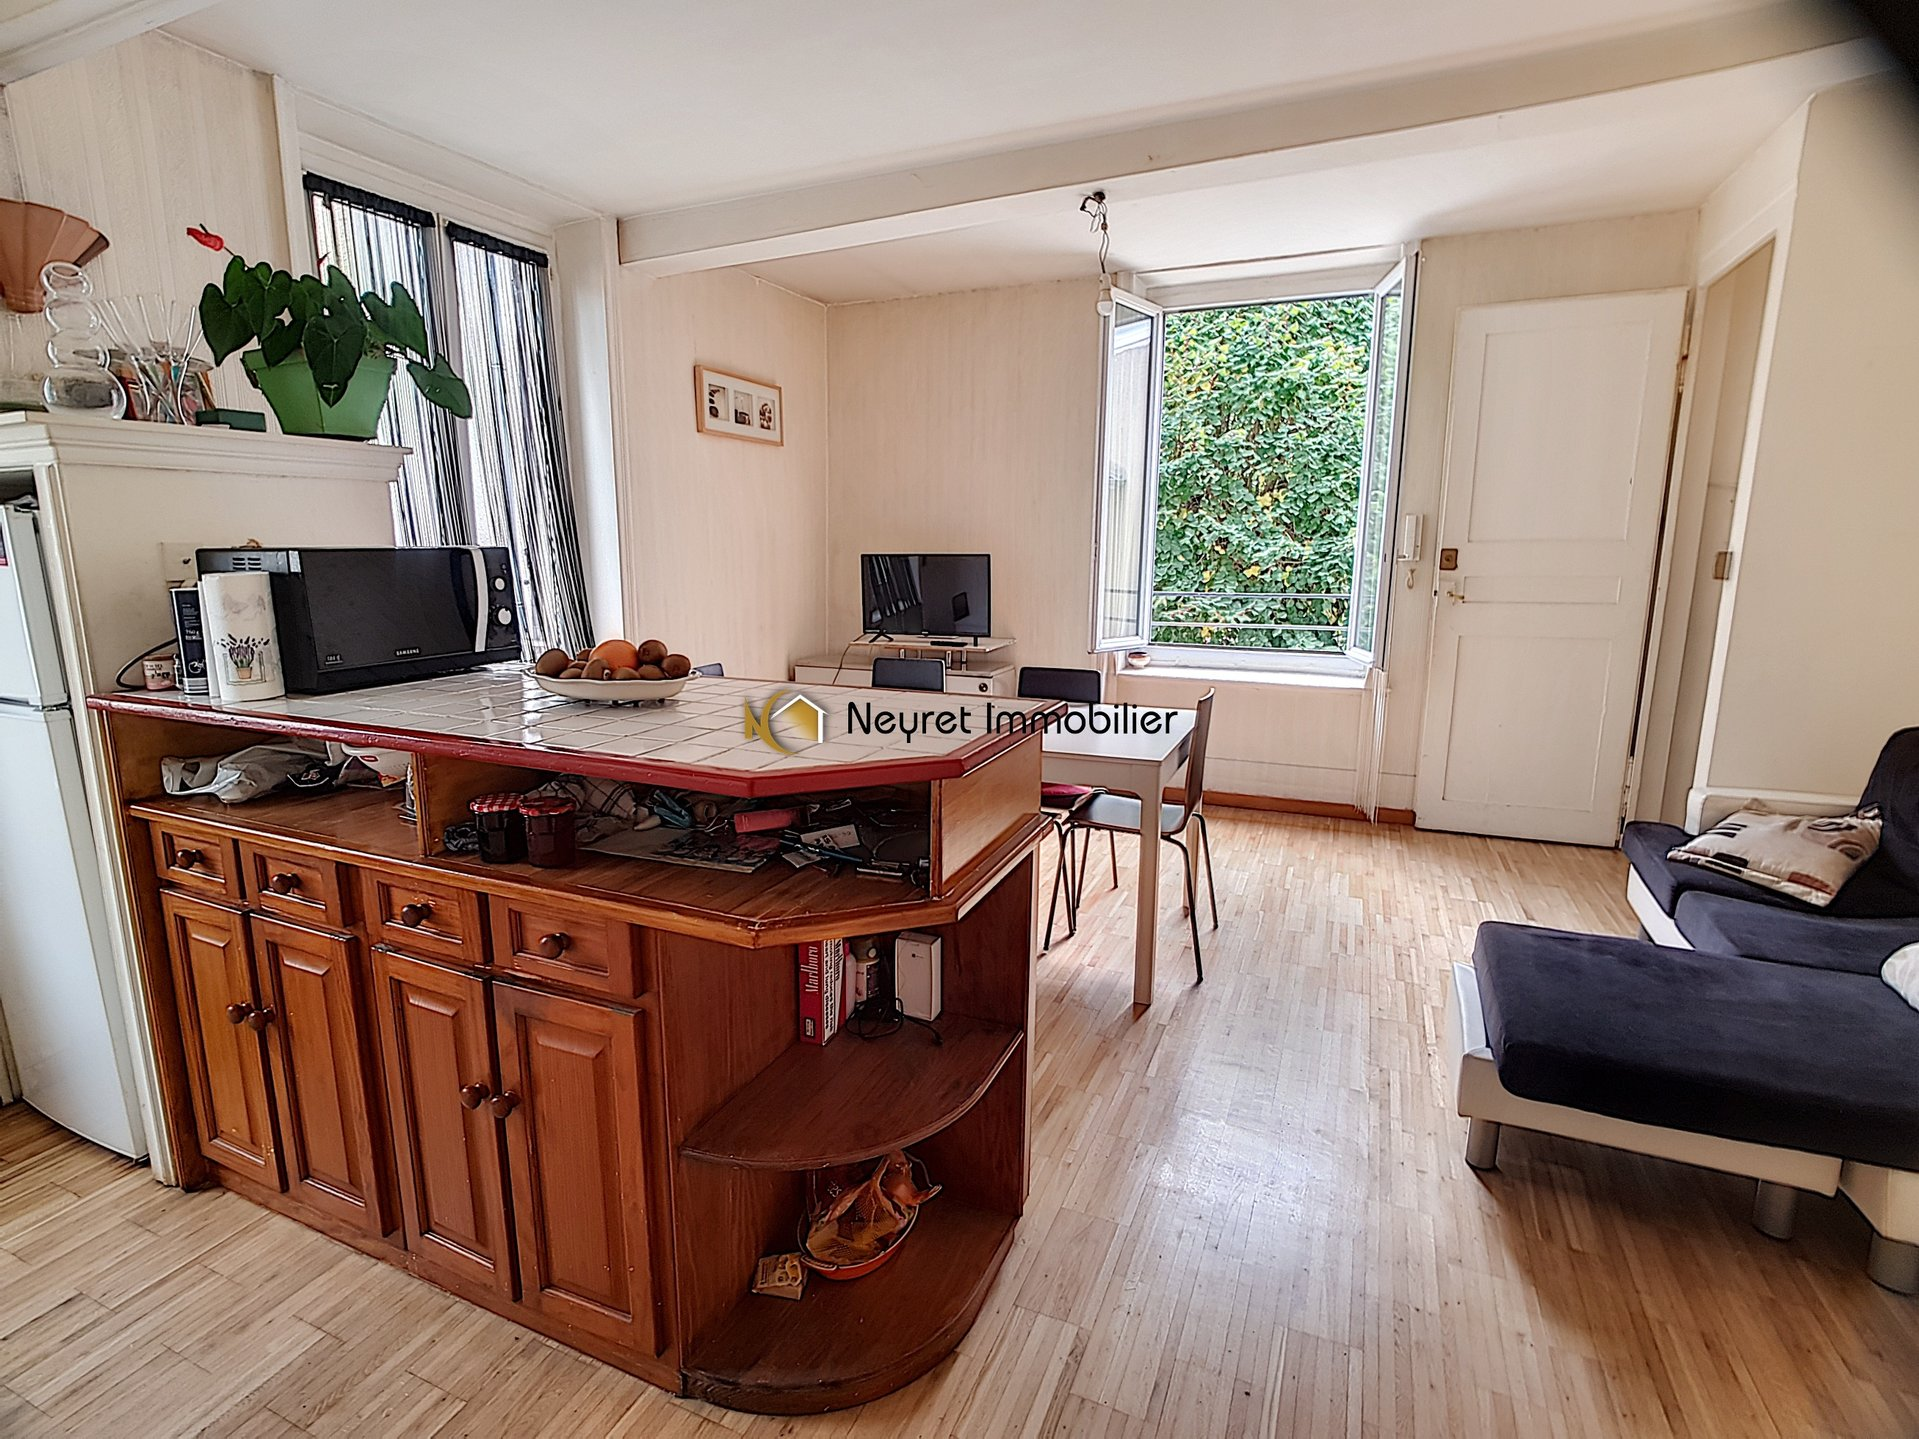 Appartement T2 dans copropriété de 6 lots